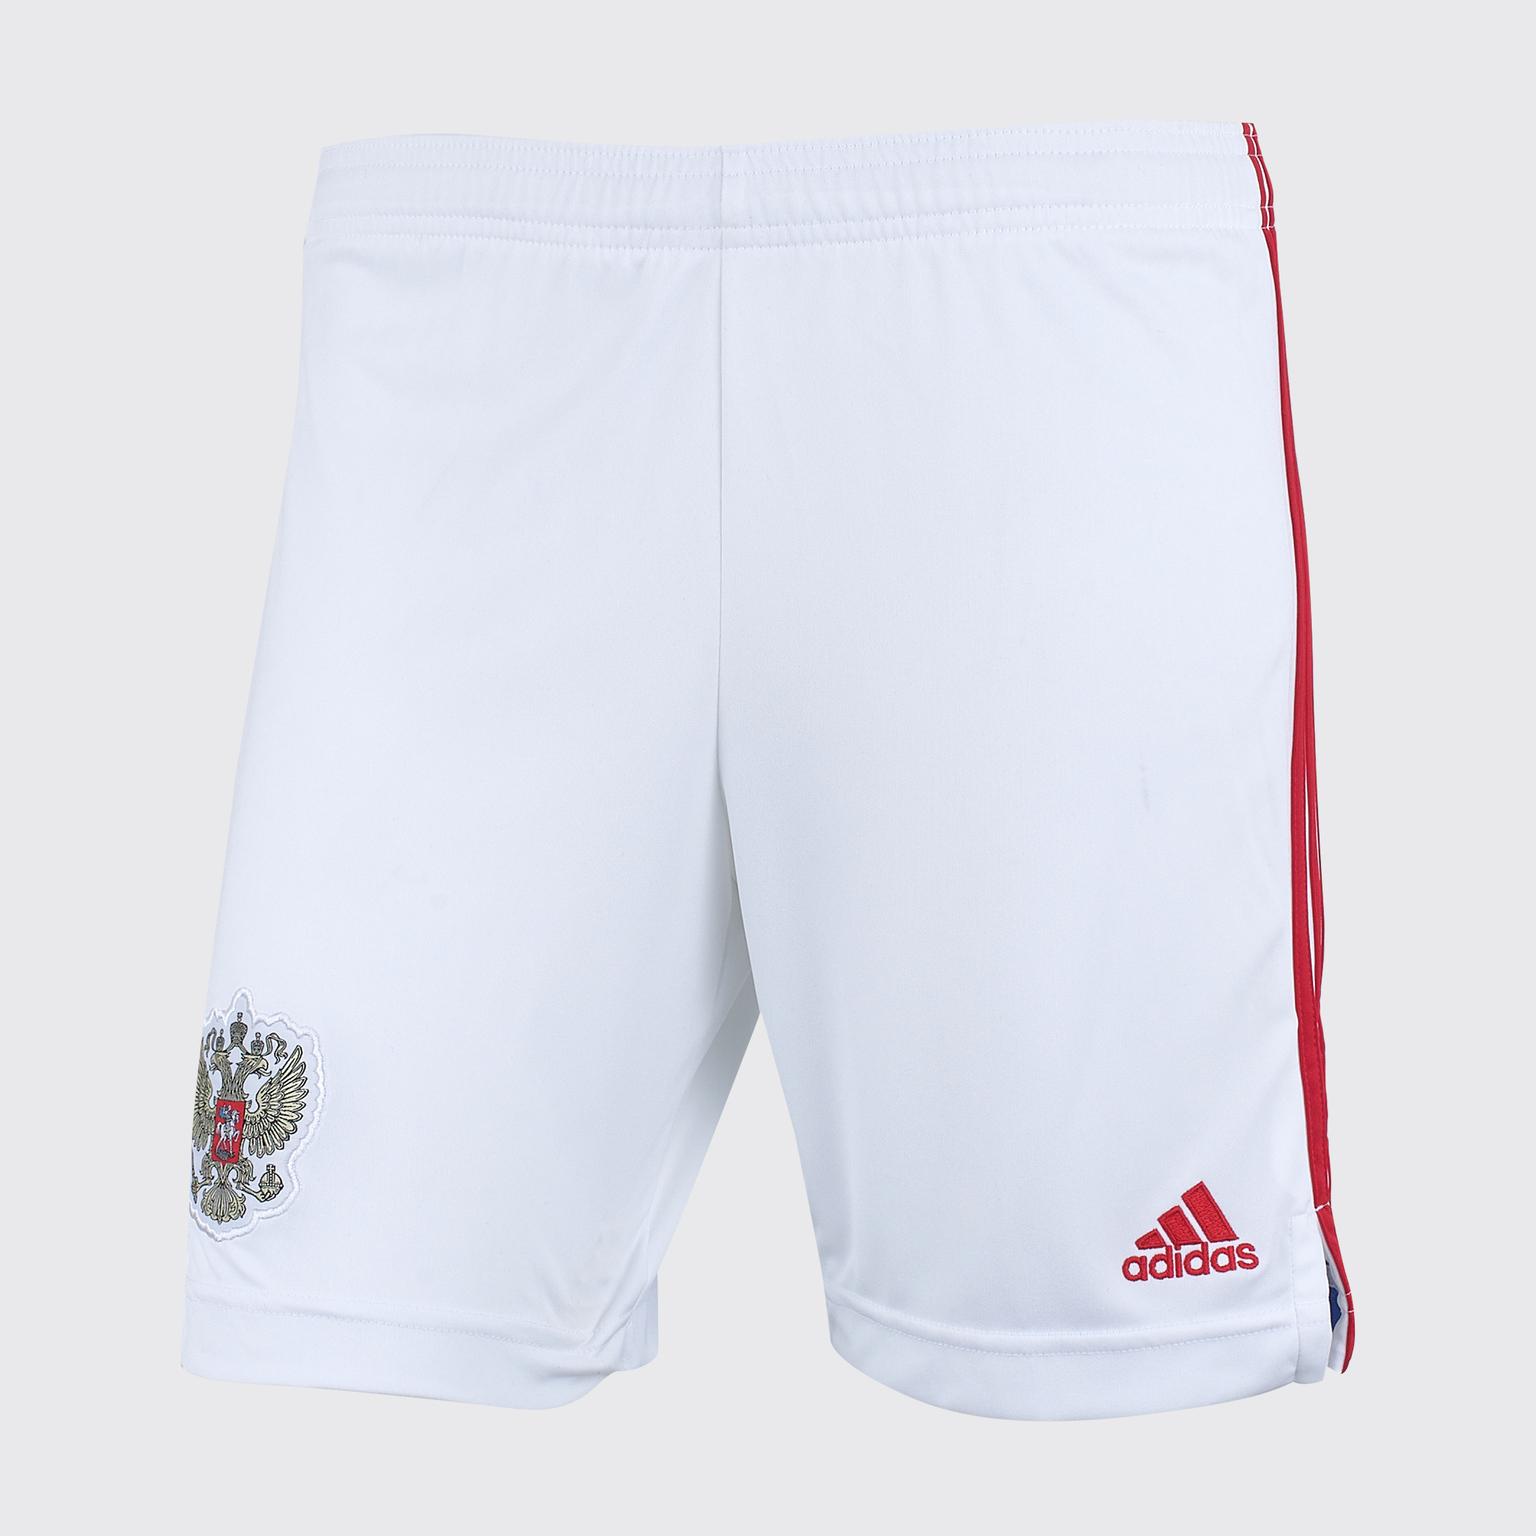 Фото - Шорты подростковые домашние Adidas сборной России FK4438 шорты домашние oysho oysho ix001xw0075y